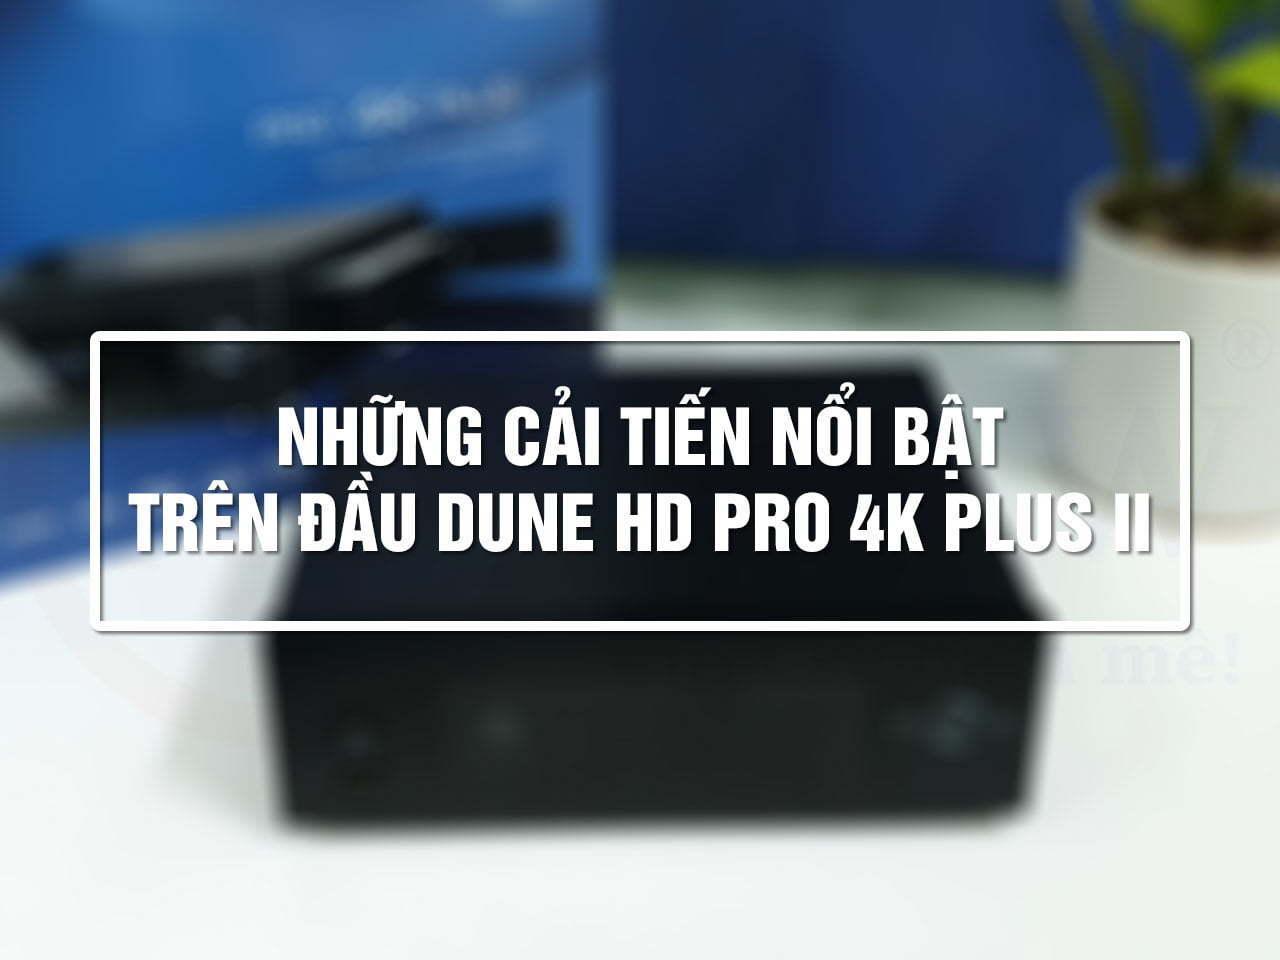 Những cải tiến nổi bật trên Đầu Dune HD Pro 4K Plus II   HDnew - Chia sẻ đam mê